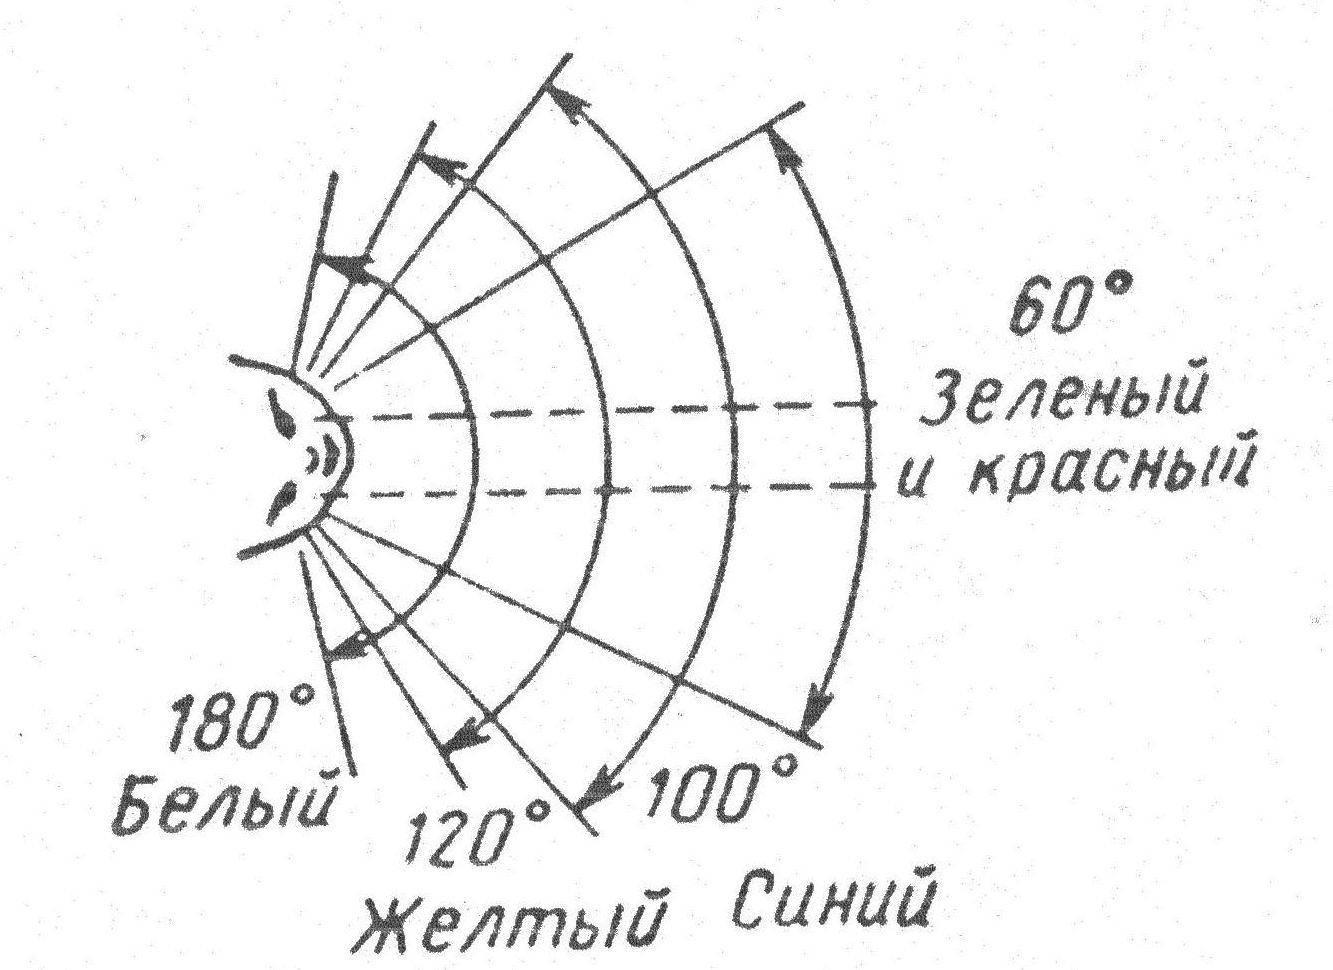 Компьютерная периметрия глаза